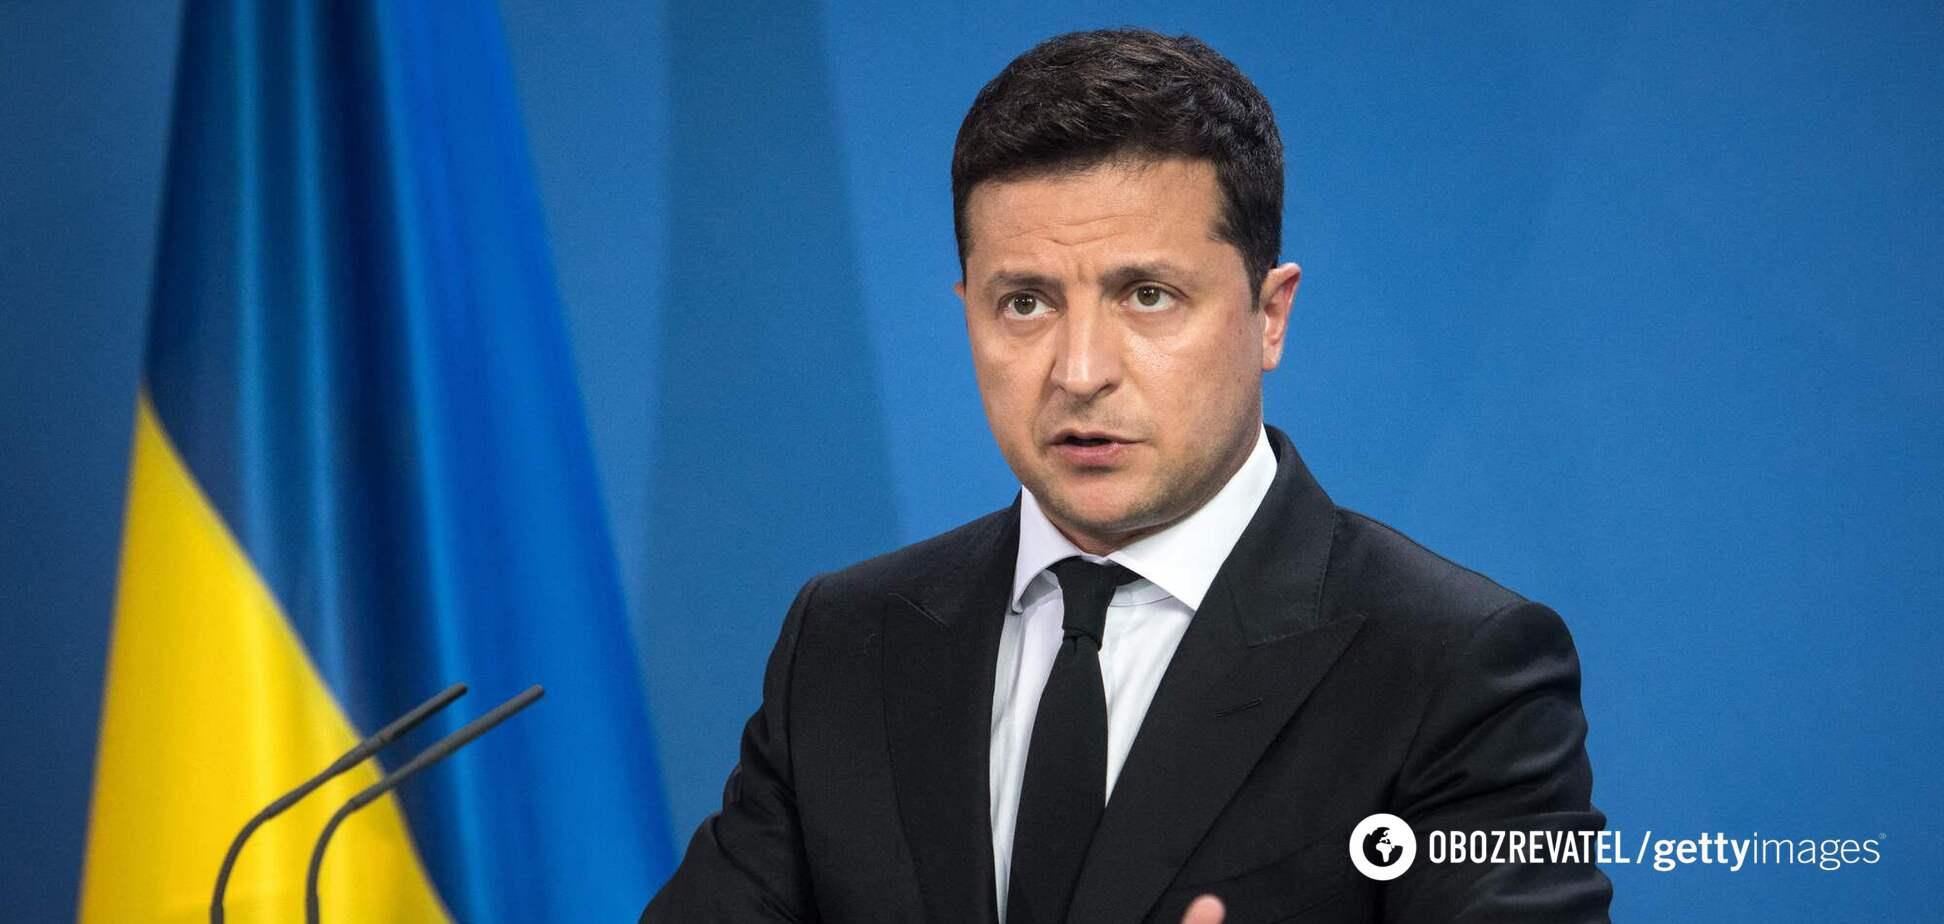 Зеленський заявив, що зараз в Україні уряд технократів